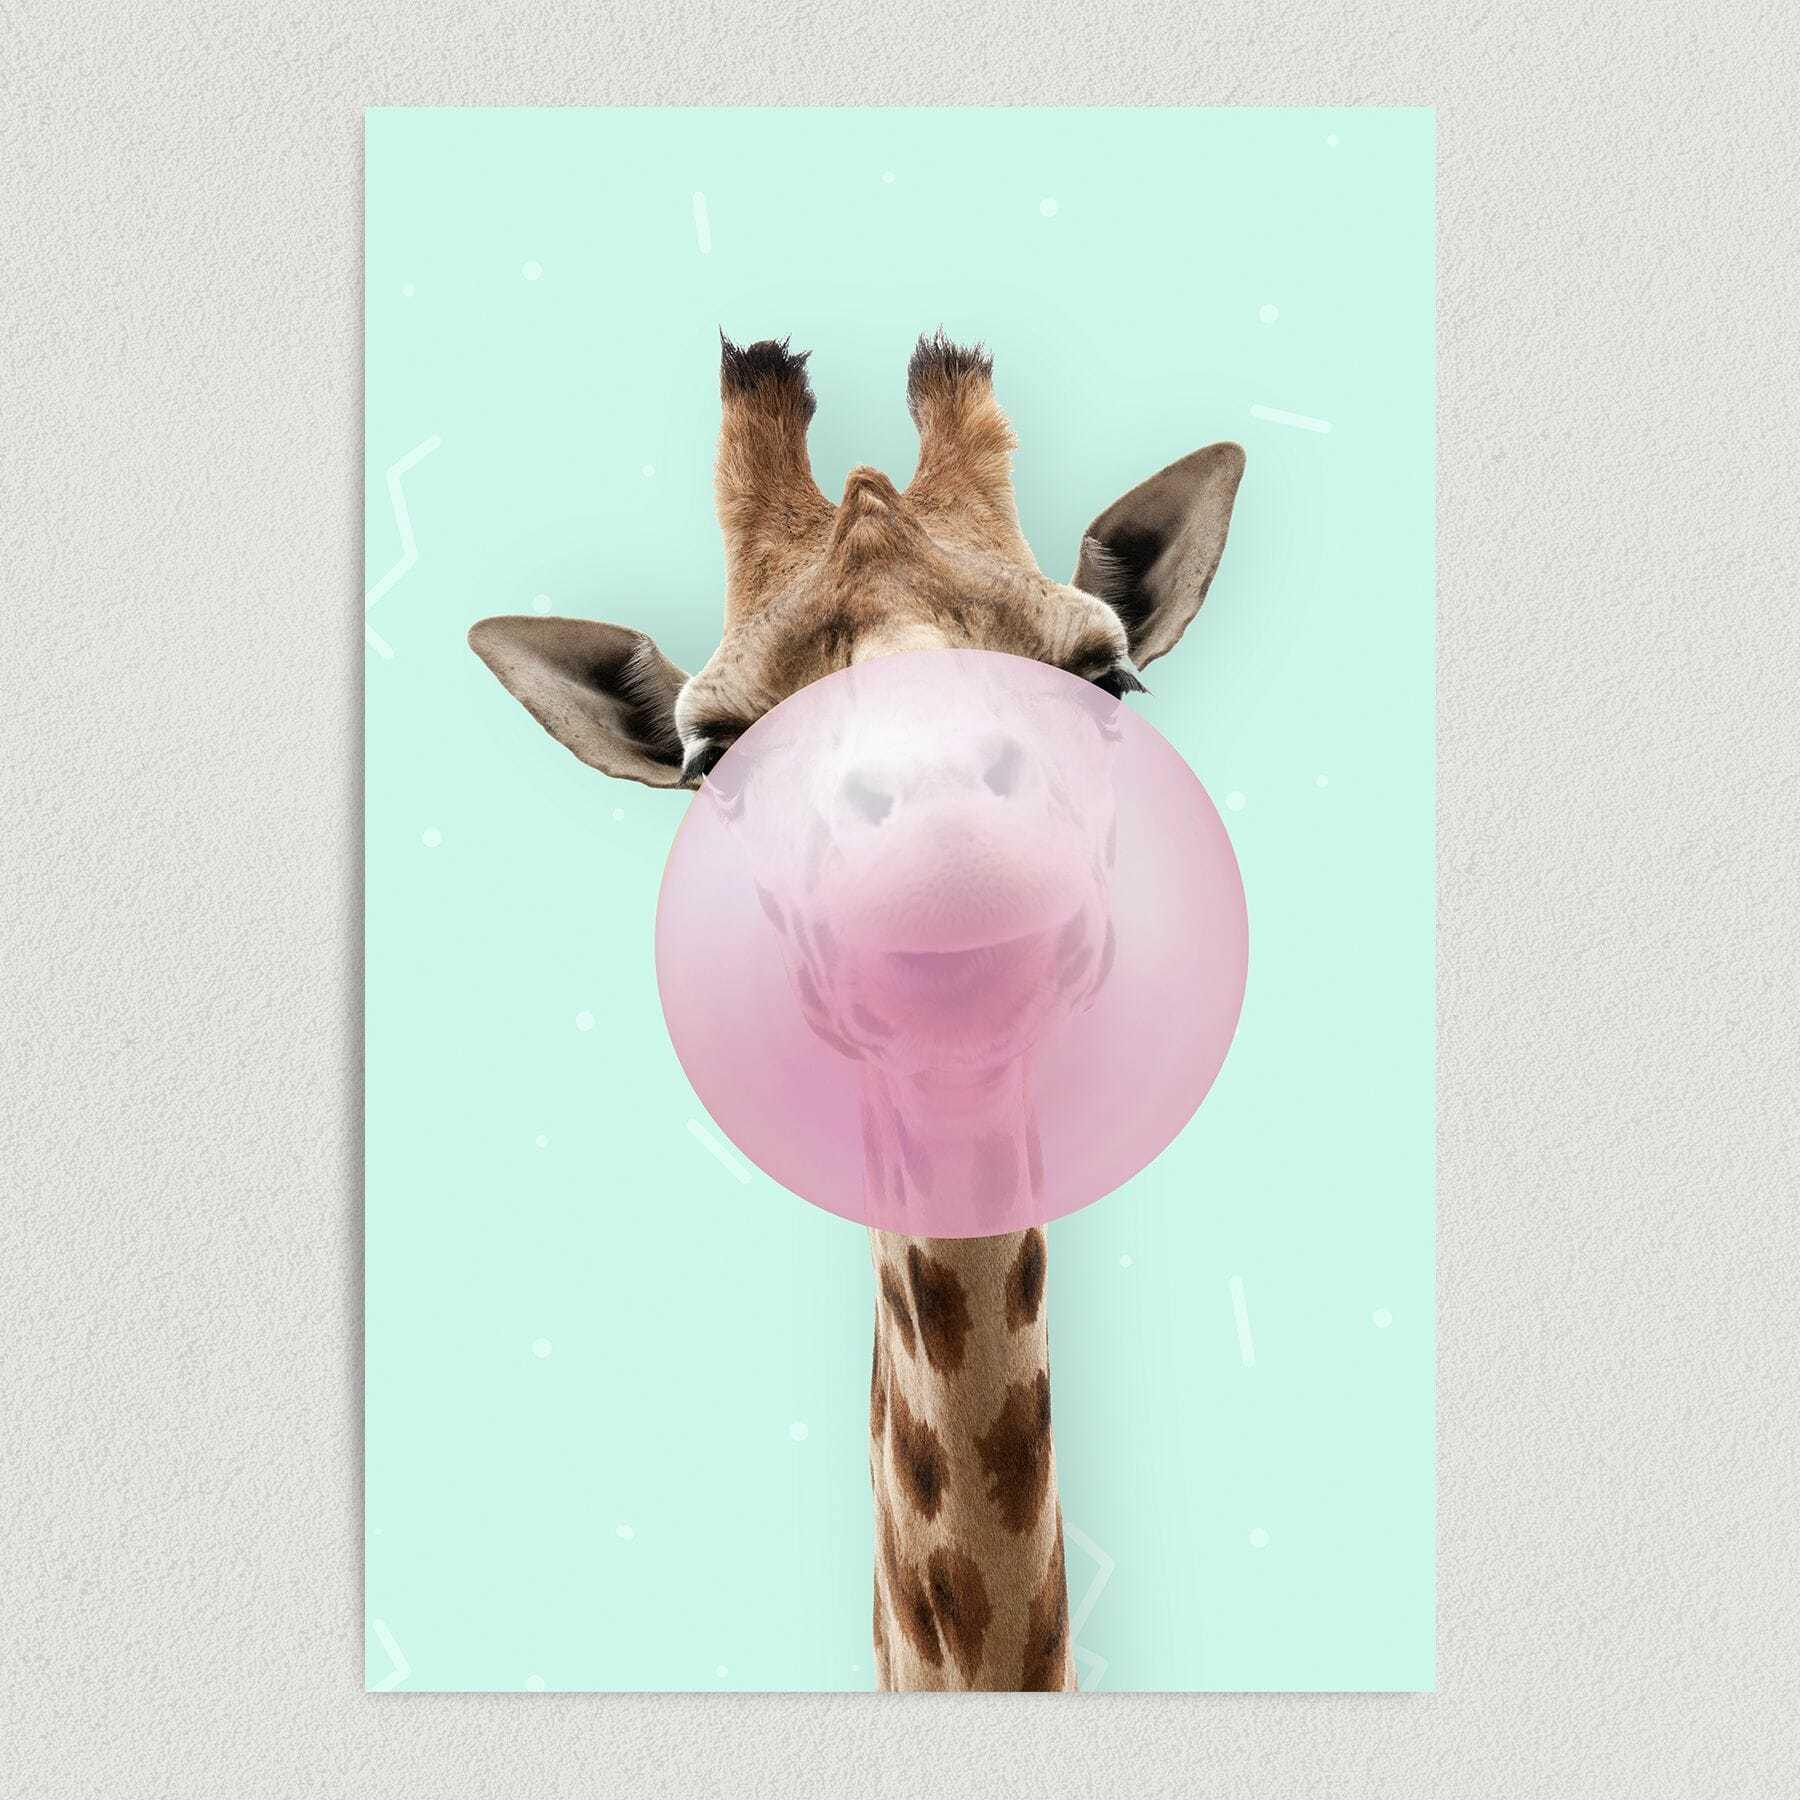 Giraffe Blows Bubble Abstract Art Print Poster 12″ x 18″ Wall Art A1065